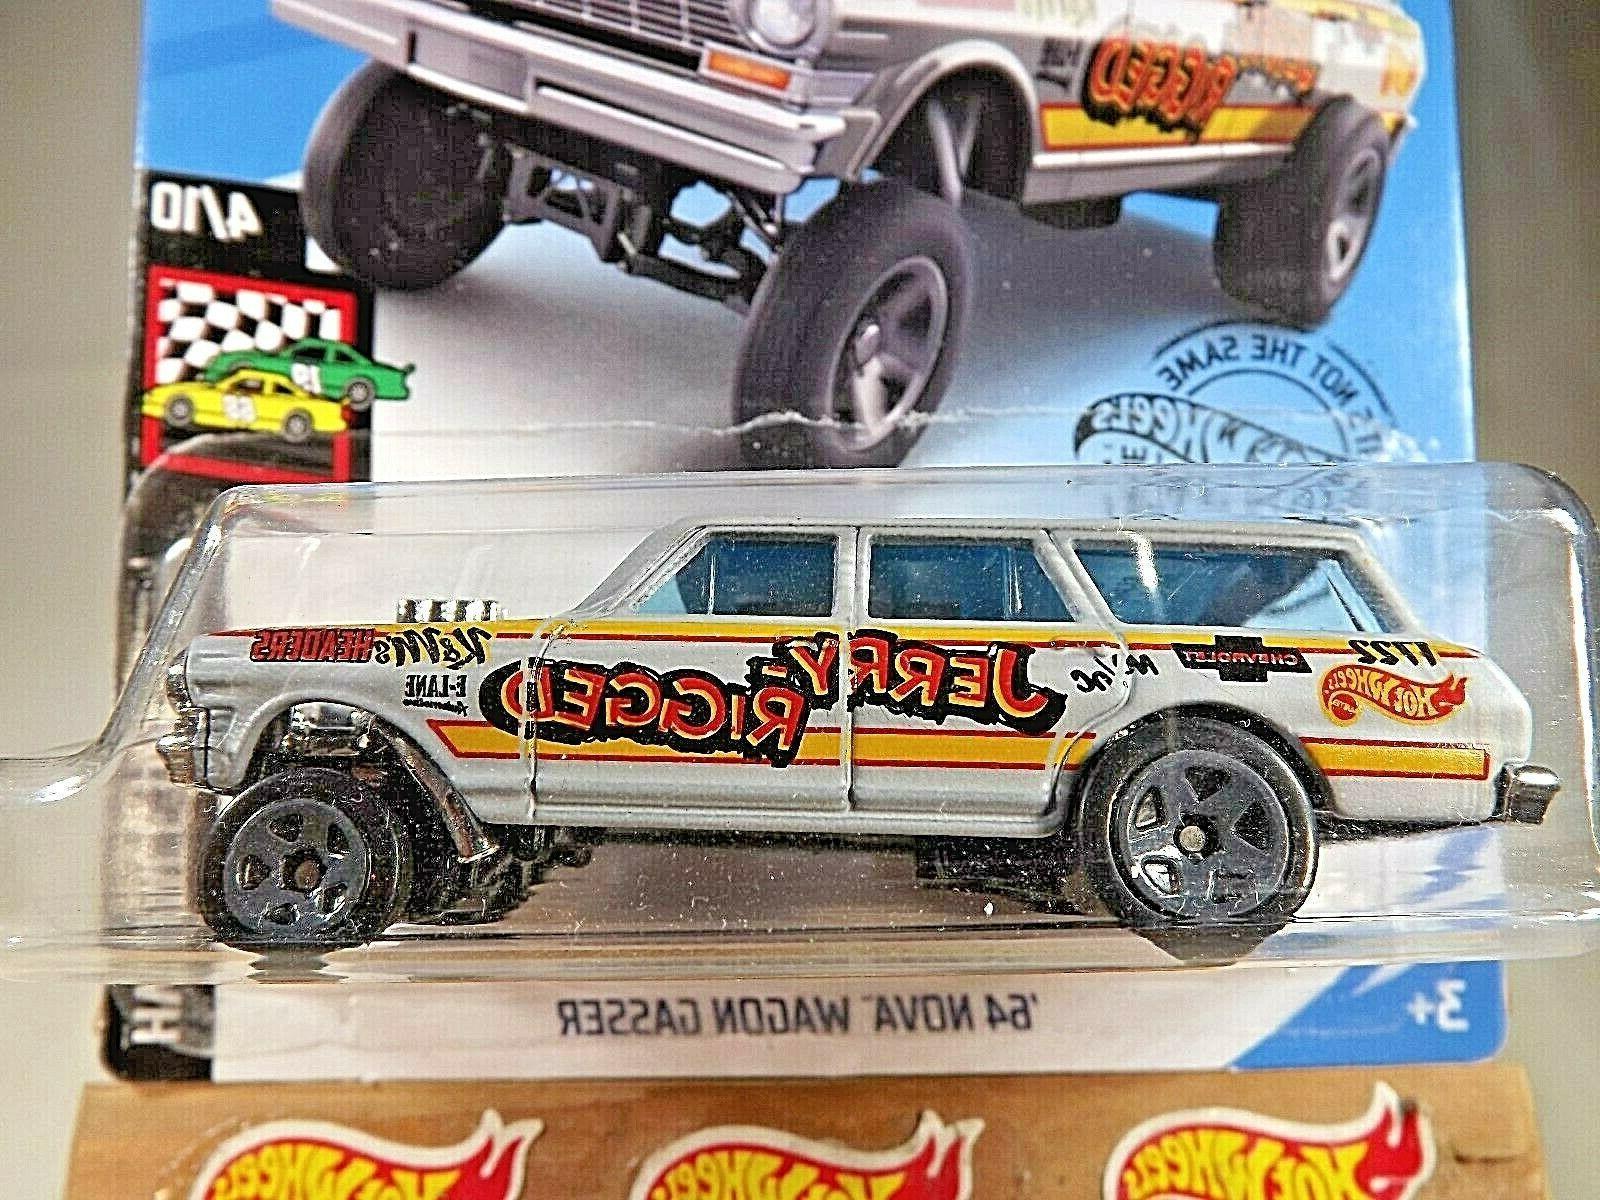 2019 Wheels #198 HW Race Day '64 NOVA WAGON Jerry Rigged Gray Variant